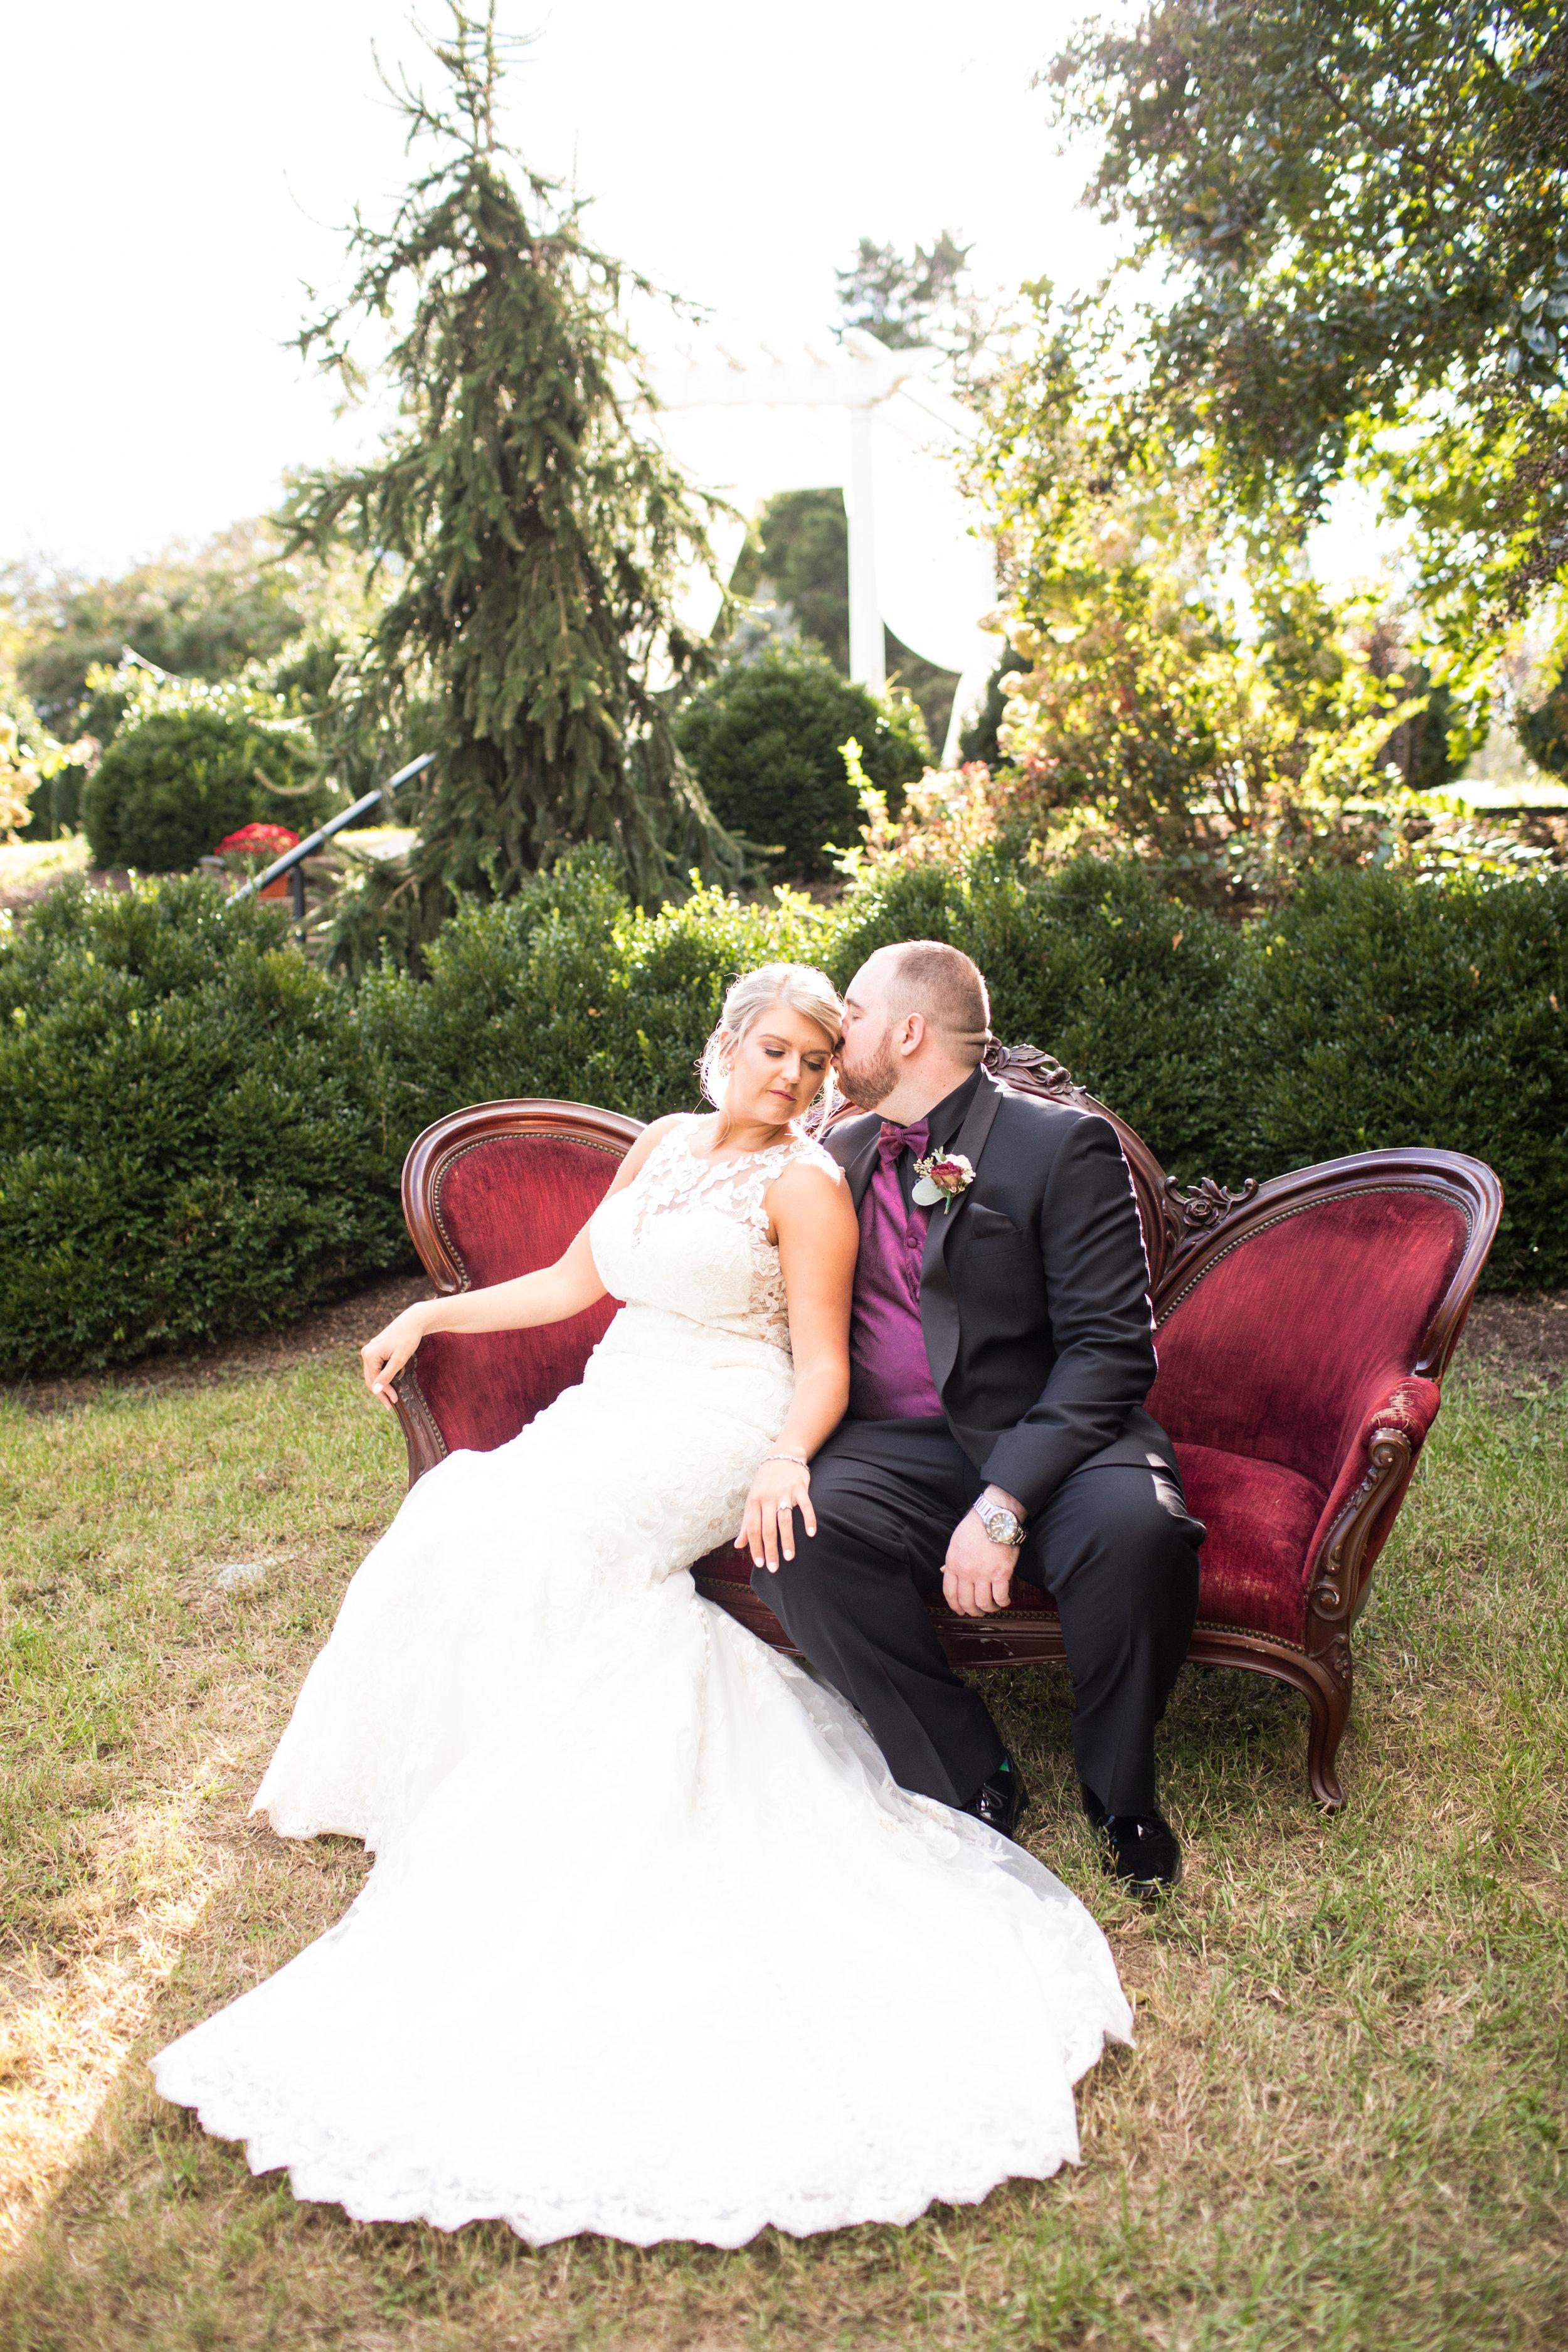 Katelyn&RyanWedding256.jpg